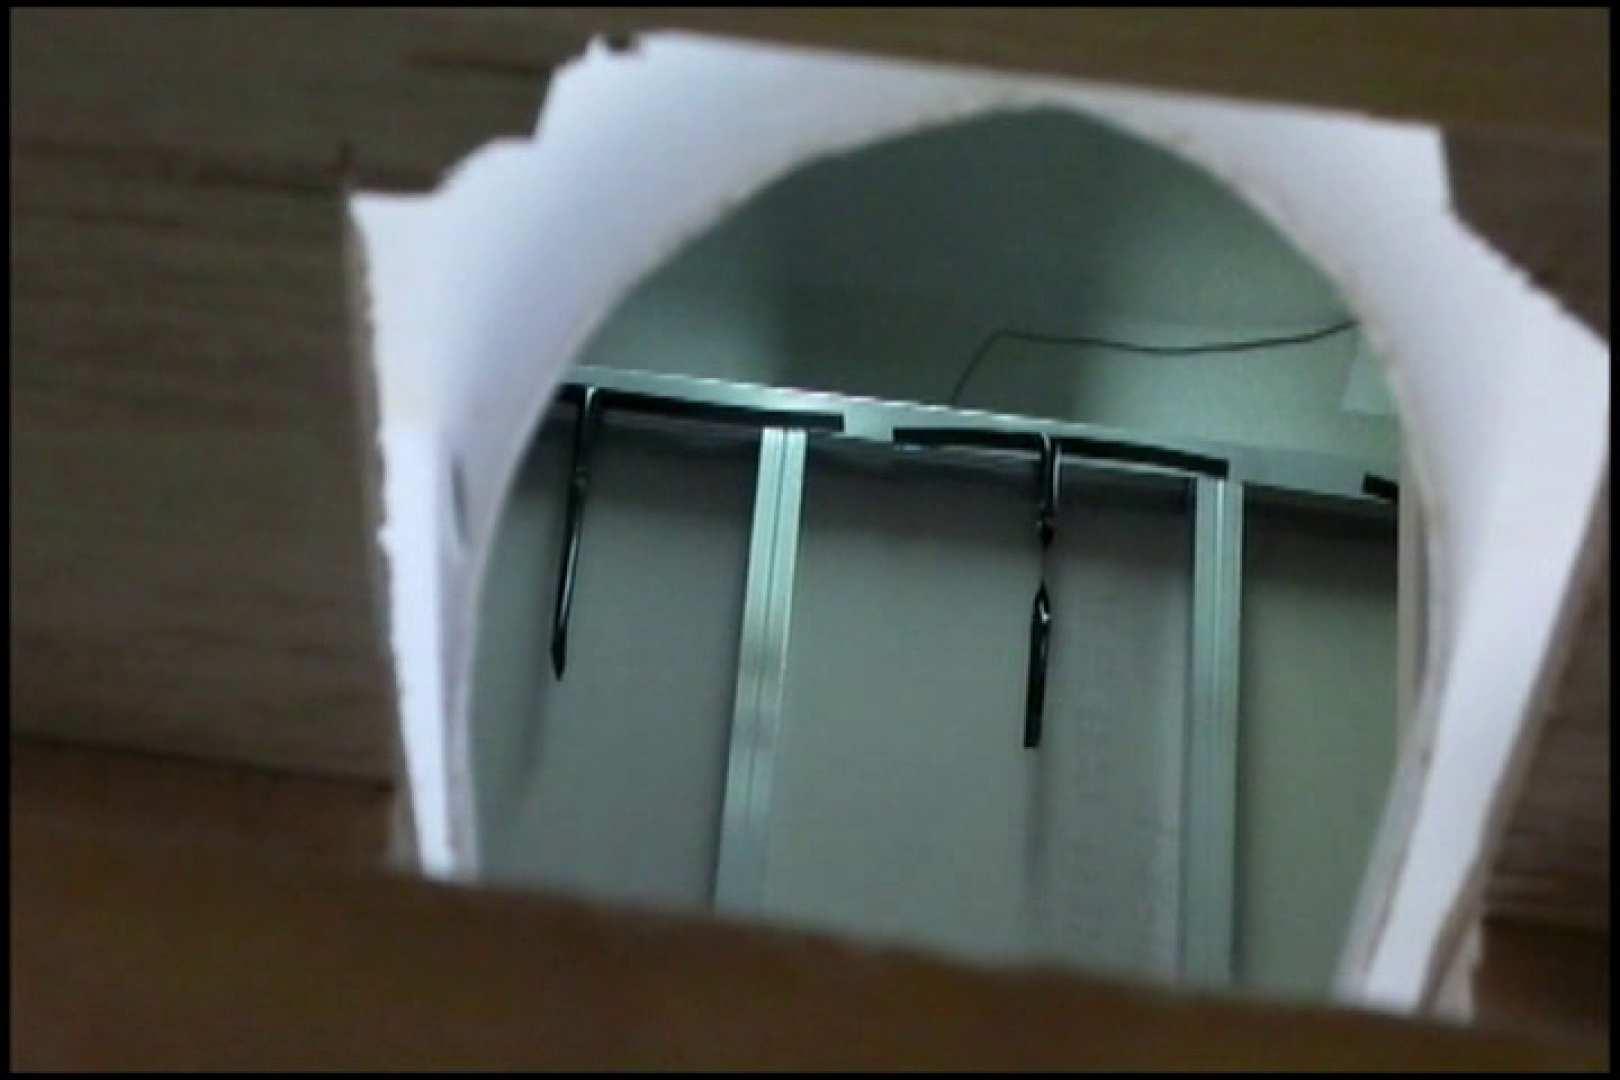 和式にまたがる女たちを待ちうけるカメラの衝撃映像vol.02 厠 のぞきエロ無料画像 83画像 4